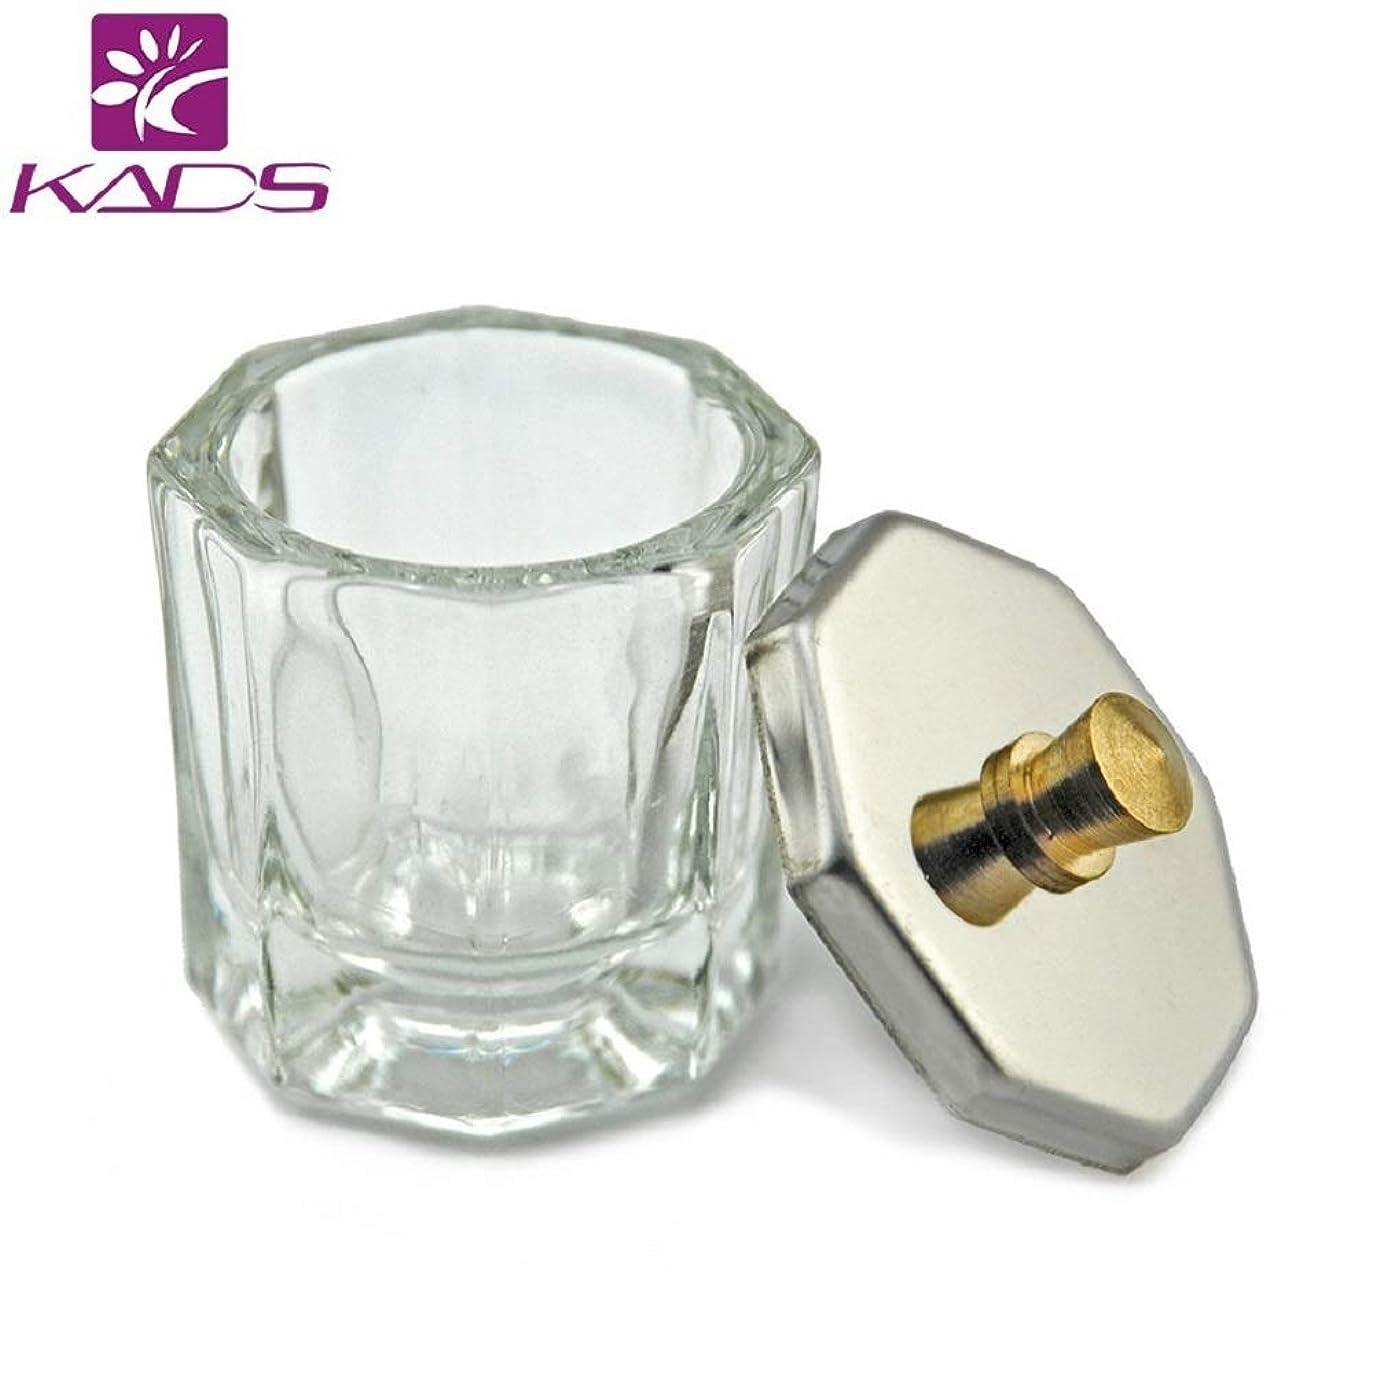 無効にする冷えるスペシャリストKADS 八角形ネイルダッペンディッシュ フタ付き ガラス製 筆洗いガラス容器 ジェルネイル用筆洗浄